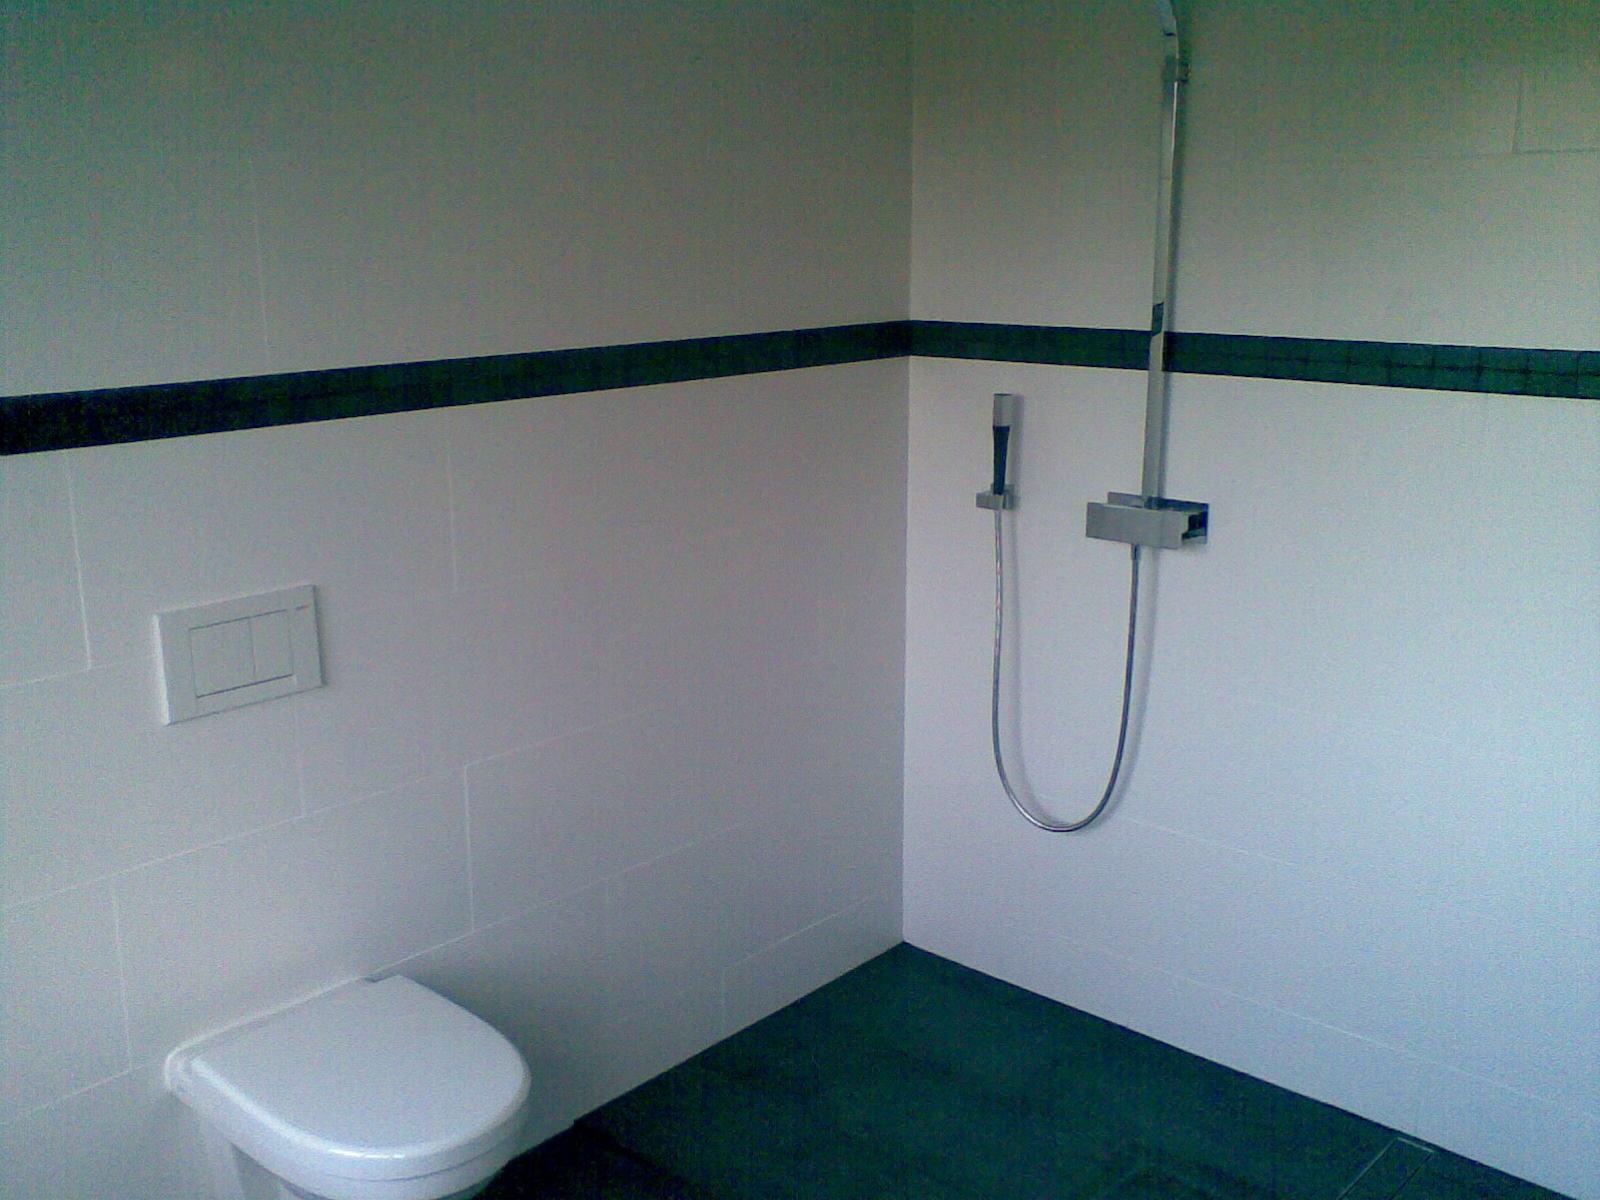 Badkamer Onder Dakkapel : Badkamer zeewolde vergroot dmv dakkapel wandradiator en inbouw